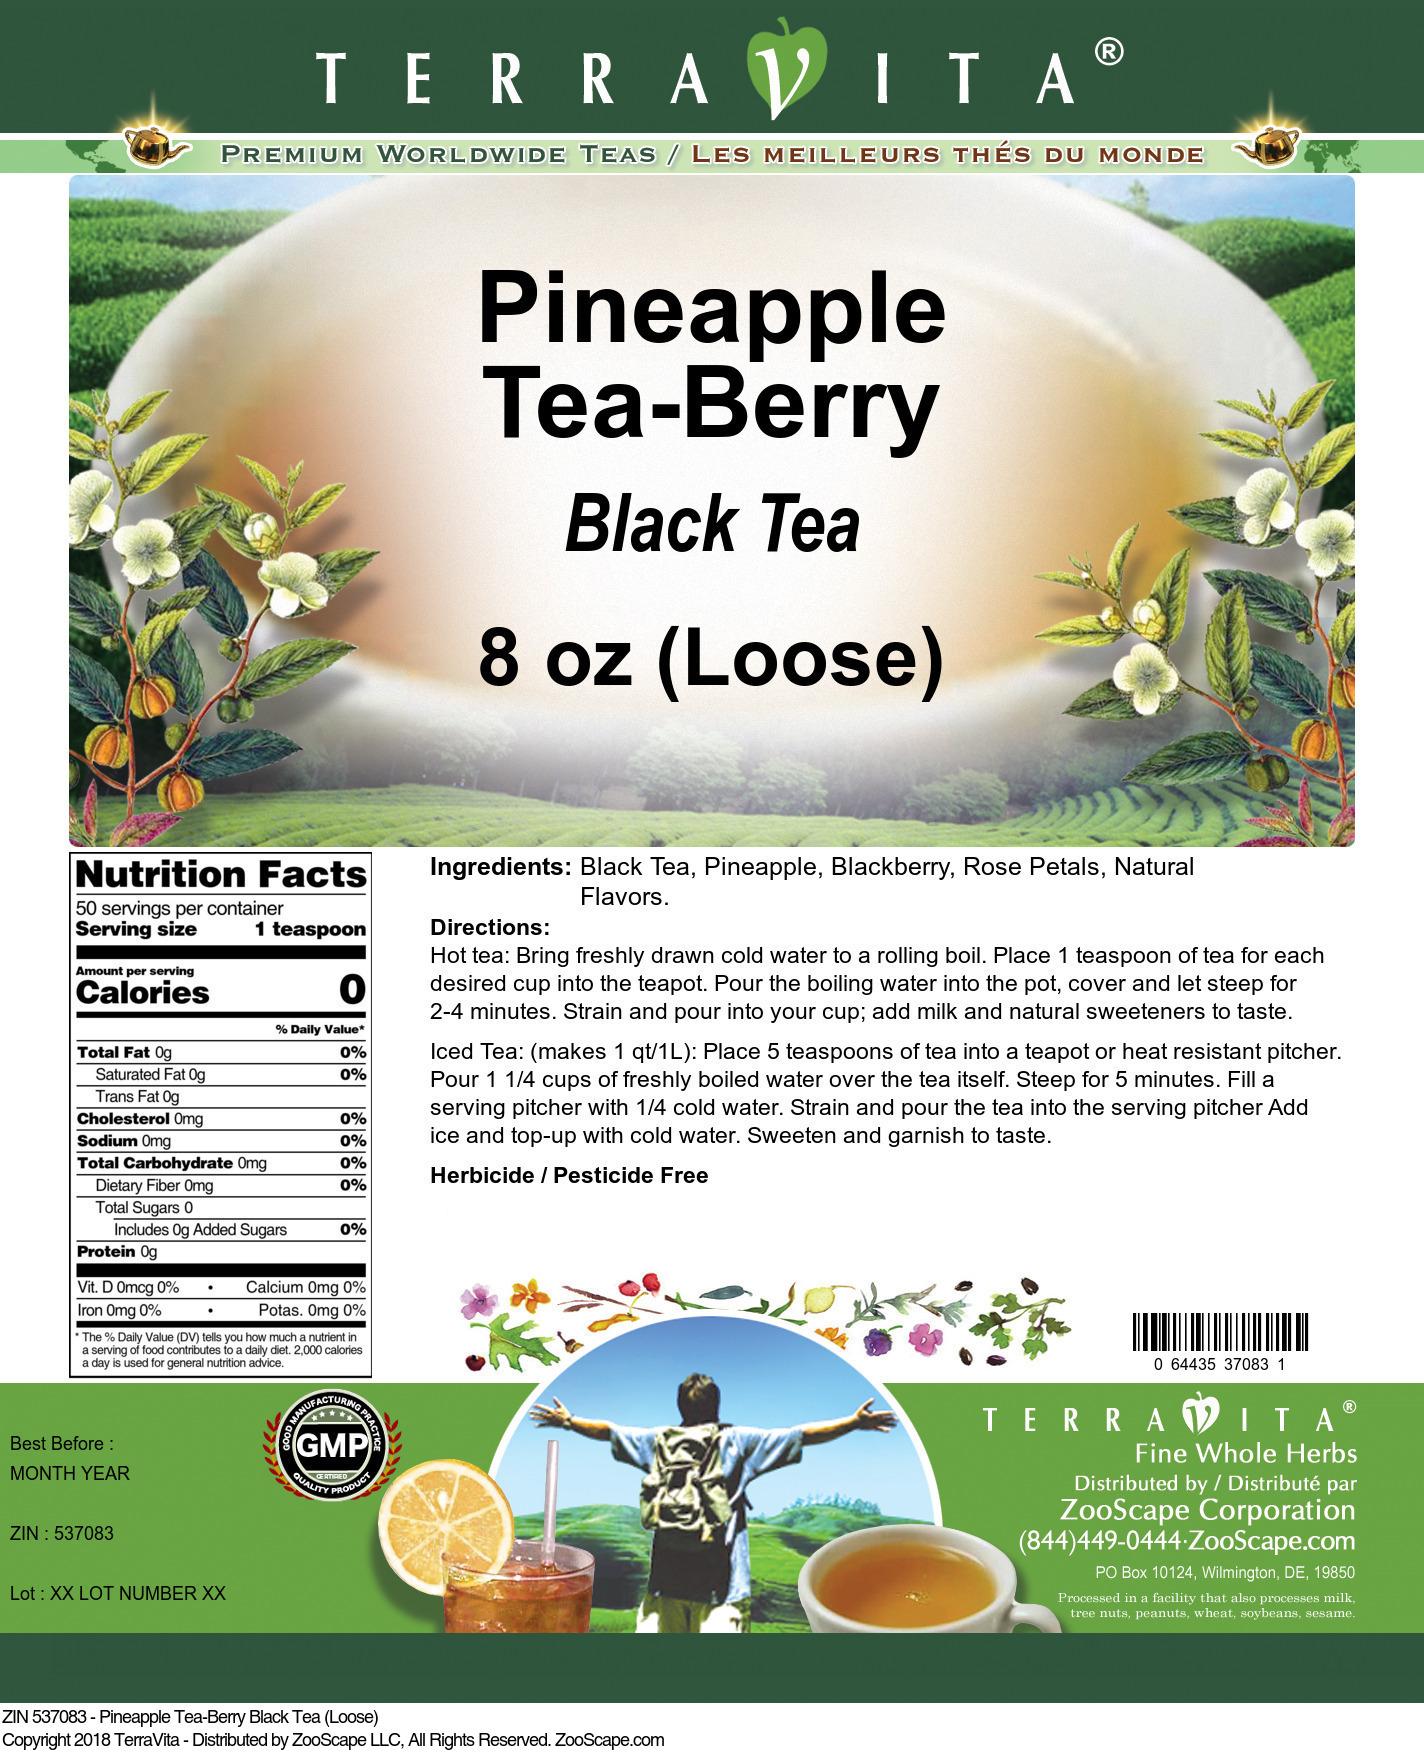 Pineapple Tea-Berry Black Tea (Loose)